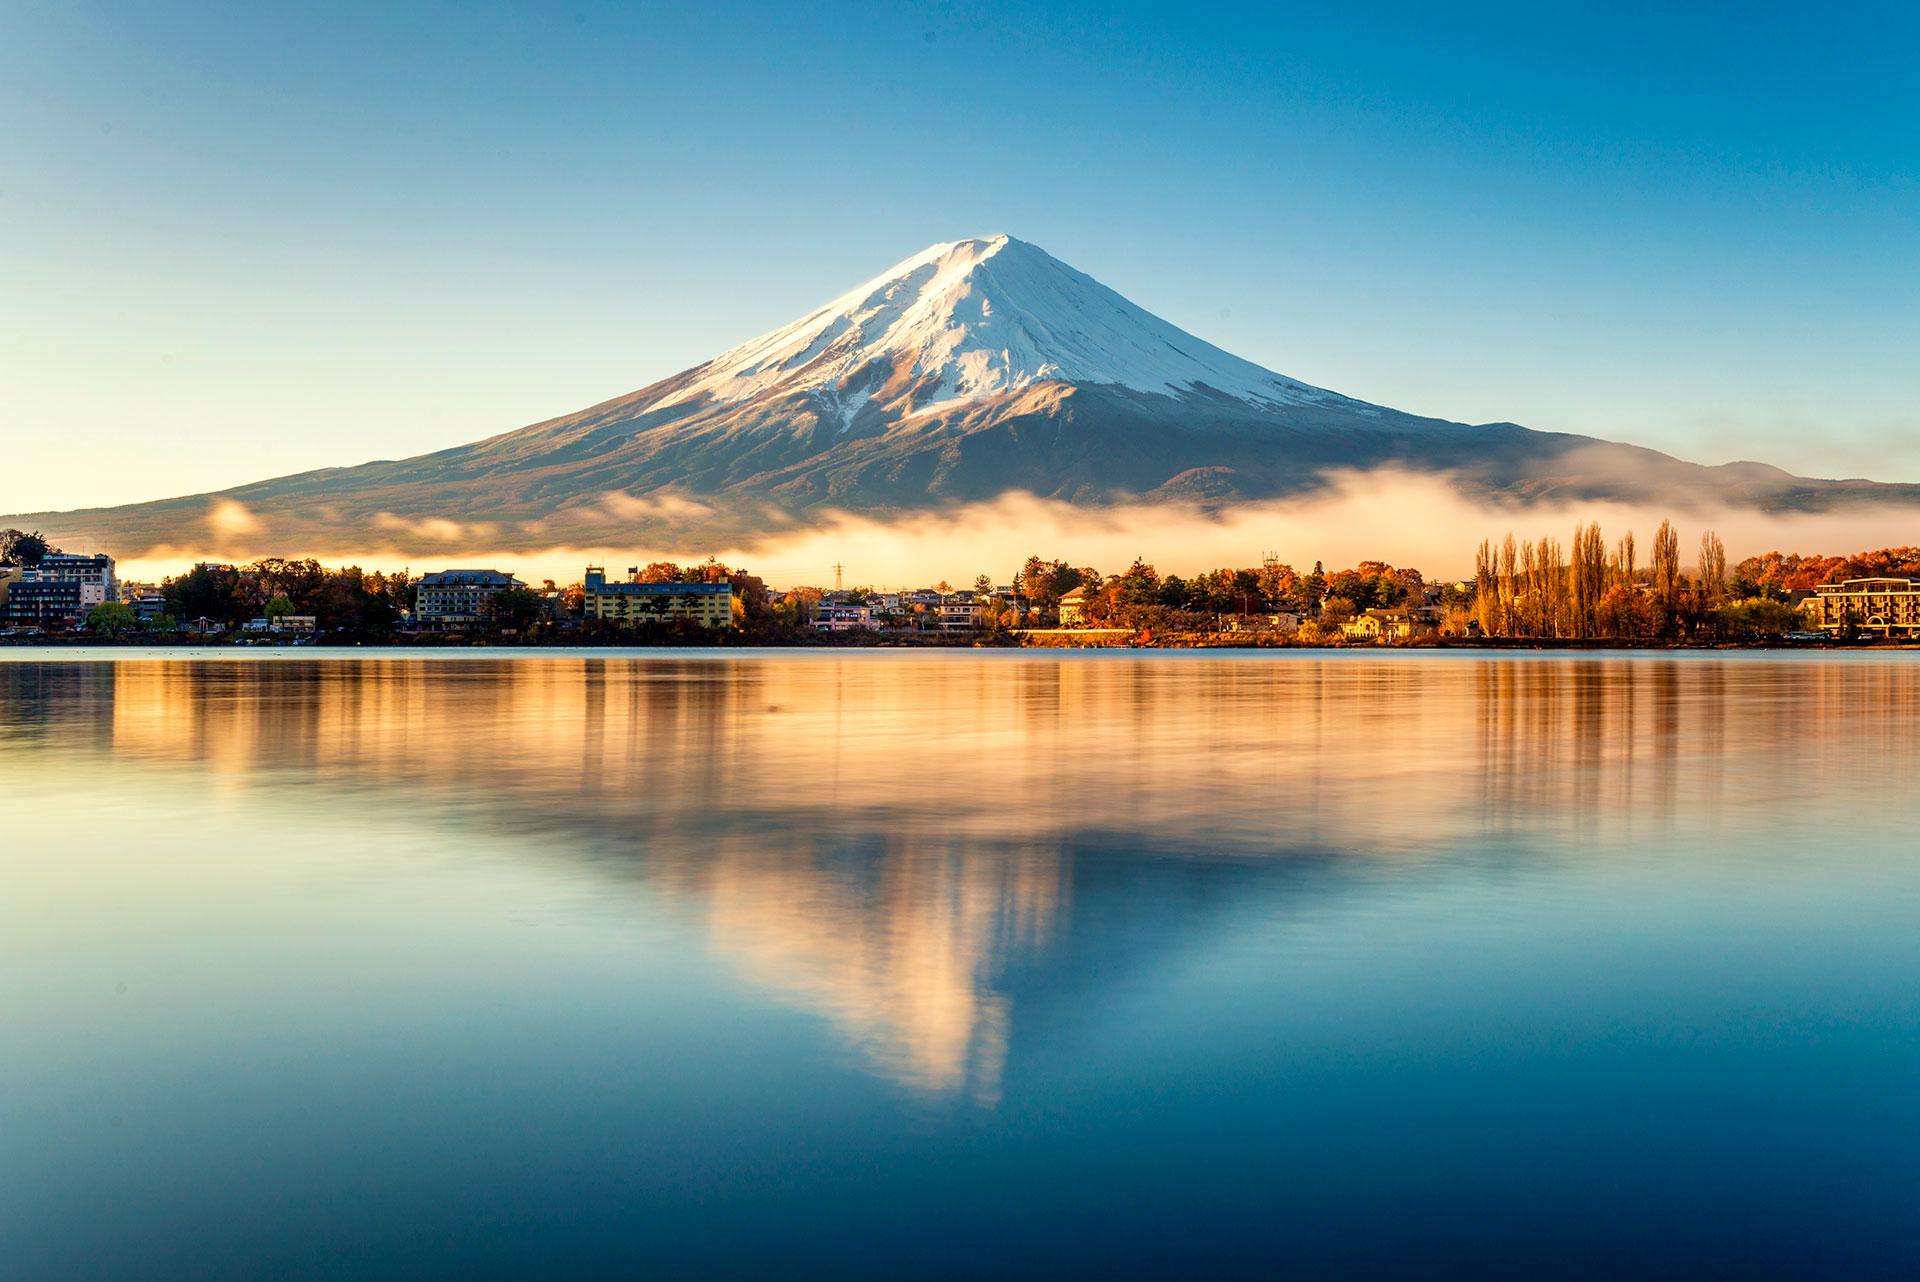 Por momentos, desde Tokio se puede observar el Monte Fuji en un día despejado